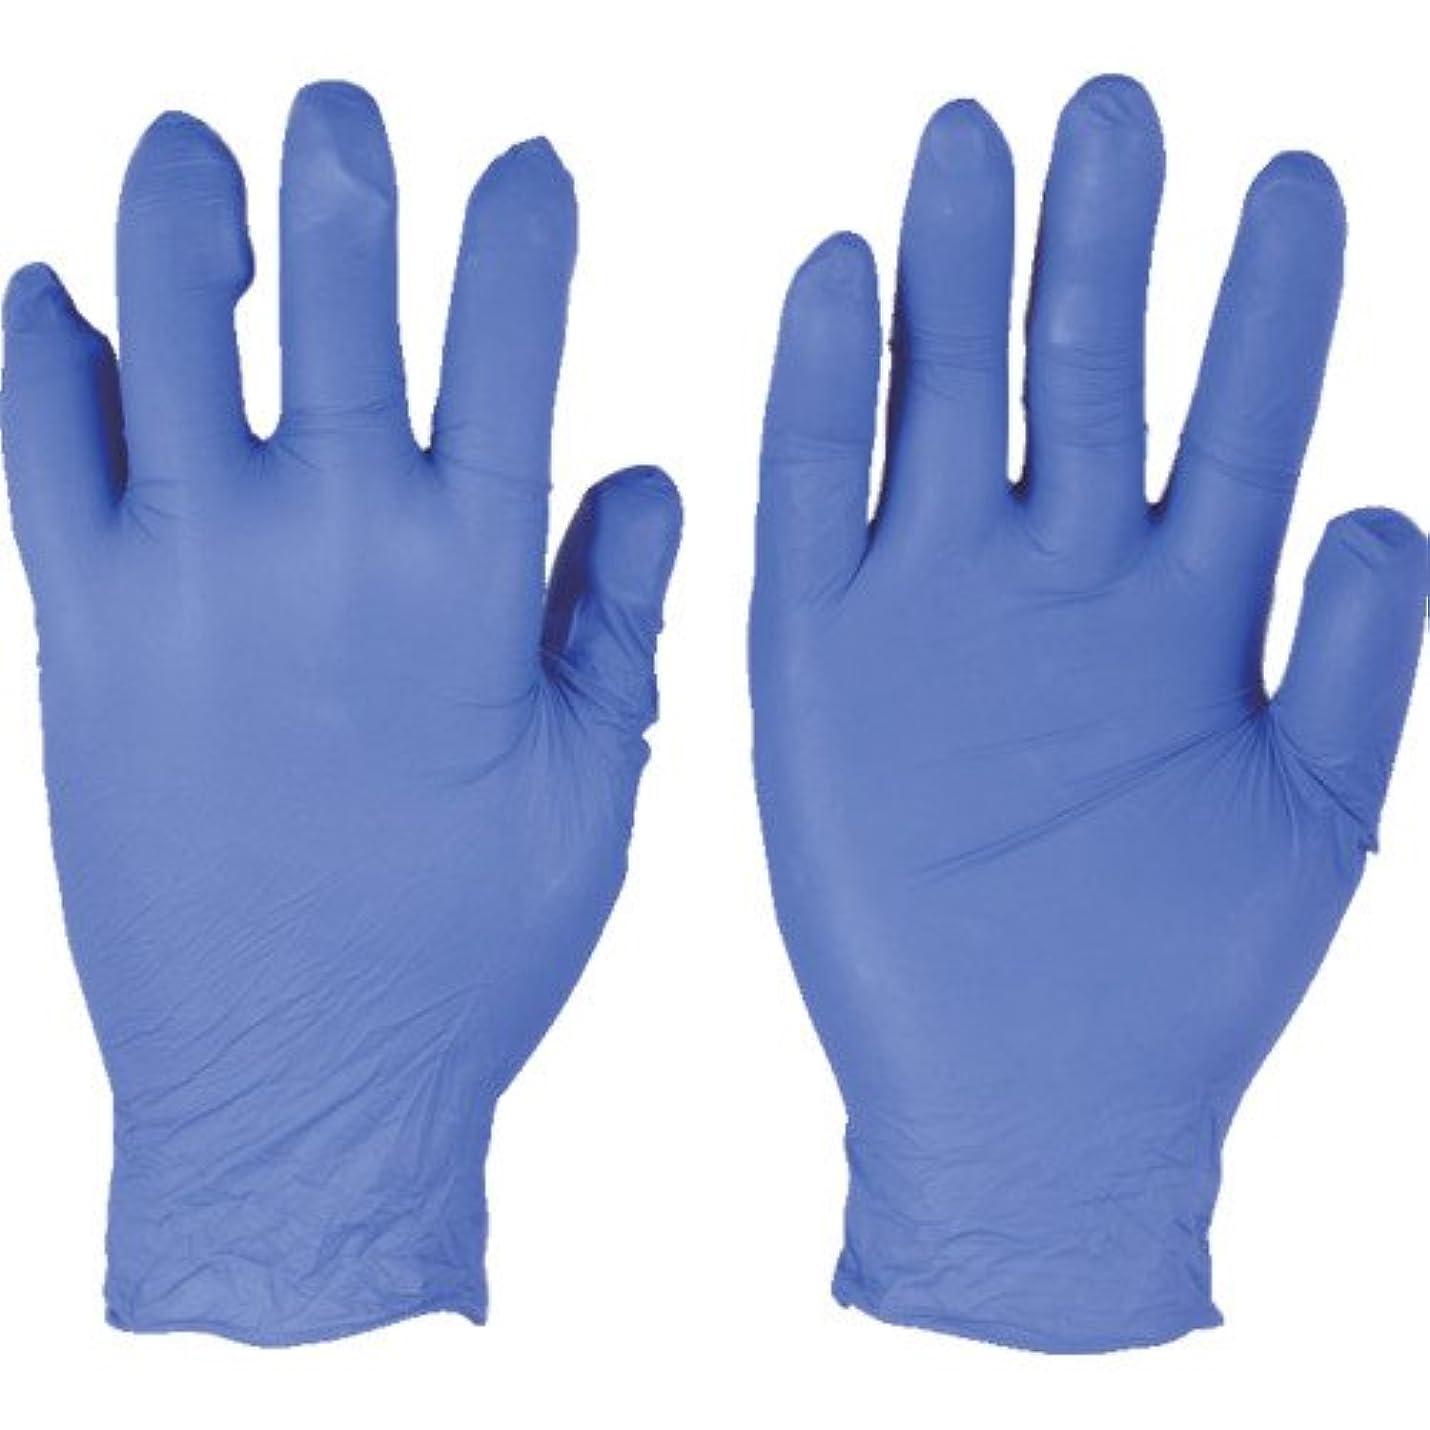 勤勉な発生器安全でないトラスコ中山 アンセル ニトリルゴム使い捨て手袋 エッジ 82-133 Mサイズ(300枚入り)  (300枚入) 821338